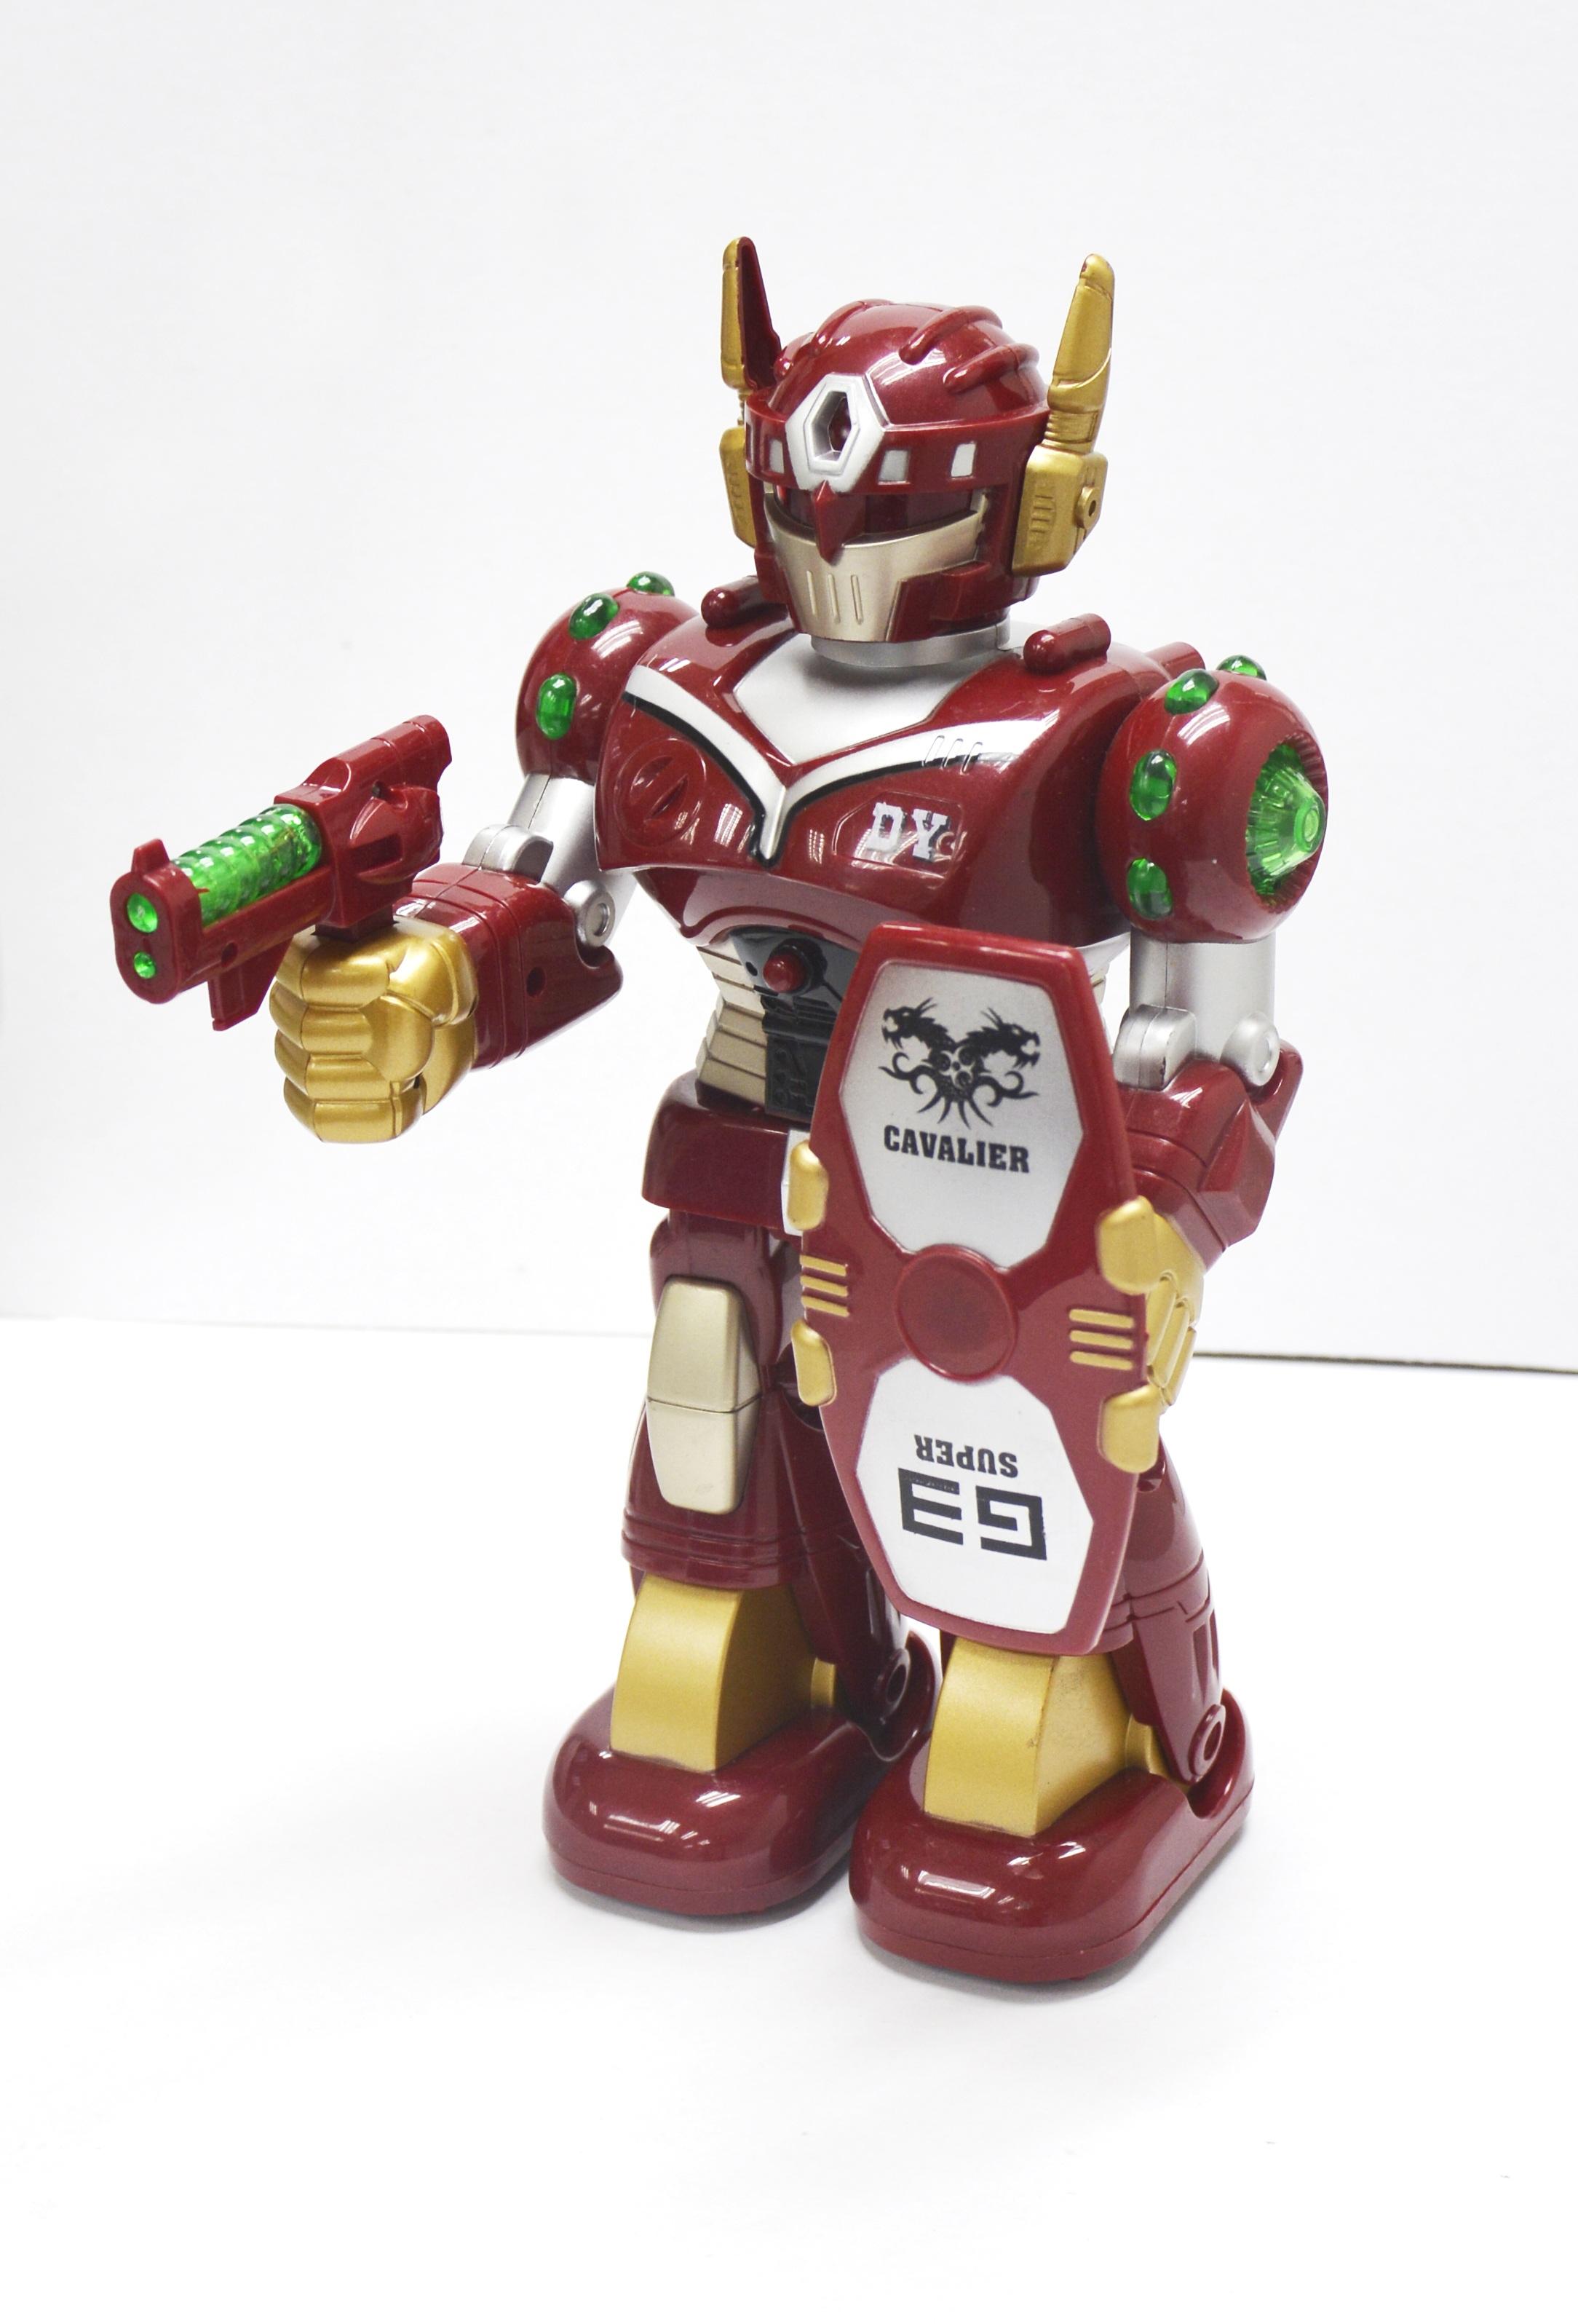 hình ảnh : máy móc, Đồ chơi, Tượng nhỏ, Con số hành động, Robot đồ chơi, Robot phát sáng 2168x3192